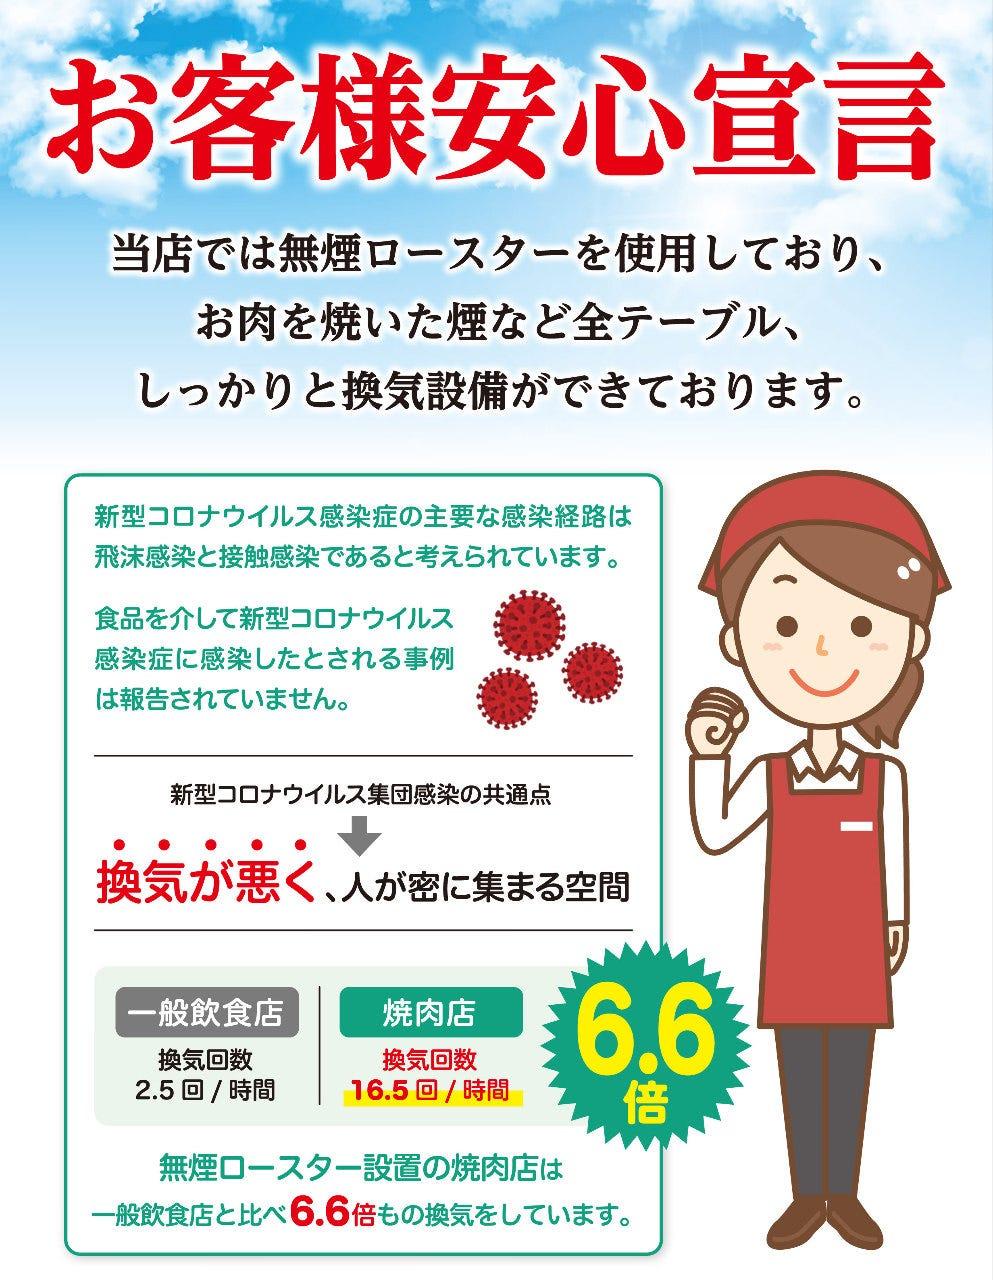 山形牛焼肉 牛兵衛 草庵 浜松遠鉄店